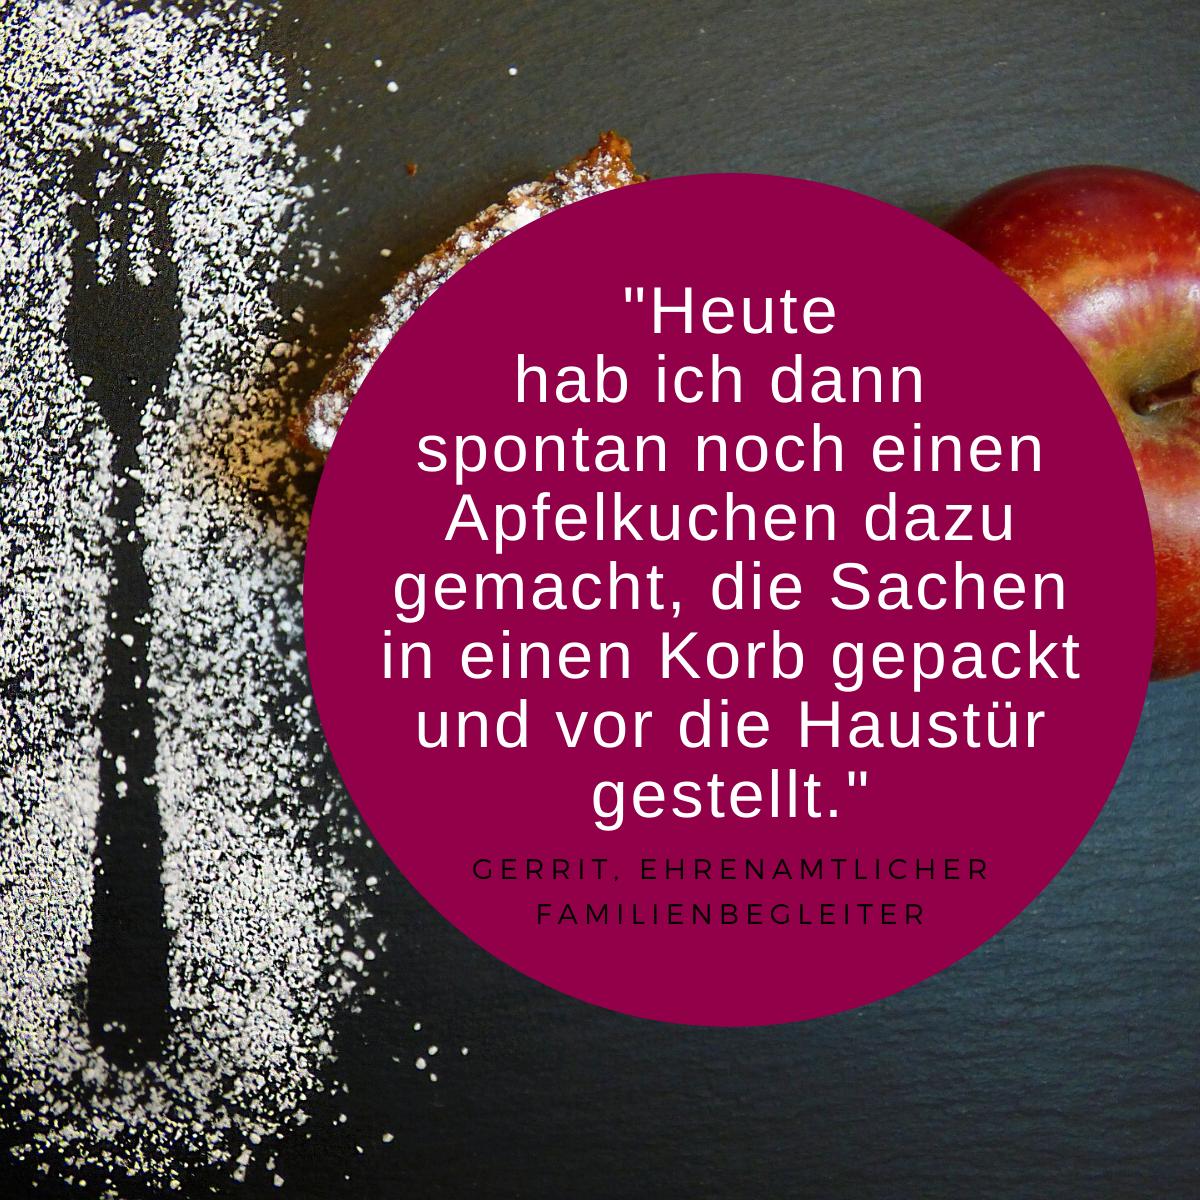 Zitat Ehrenamt und Bild Apfelkuchen